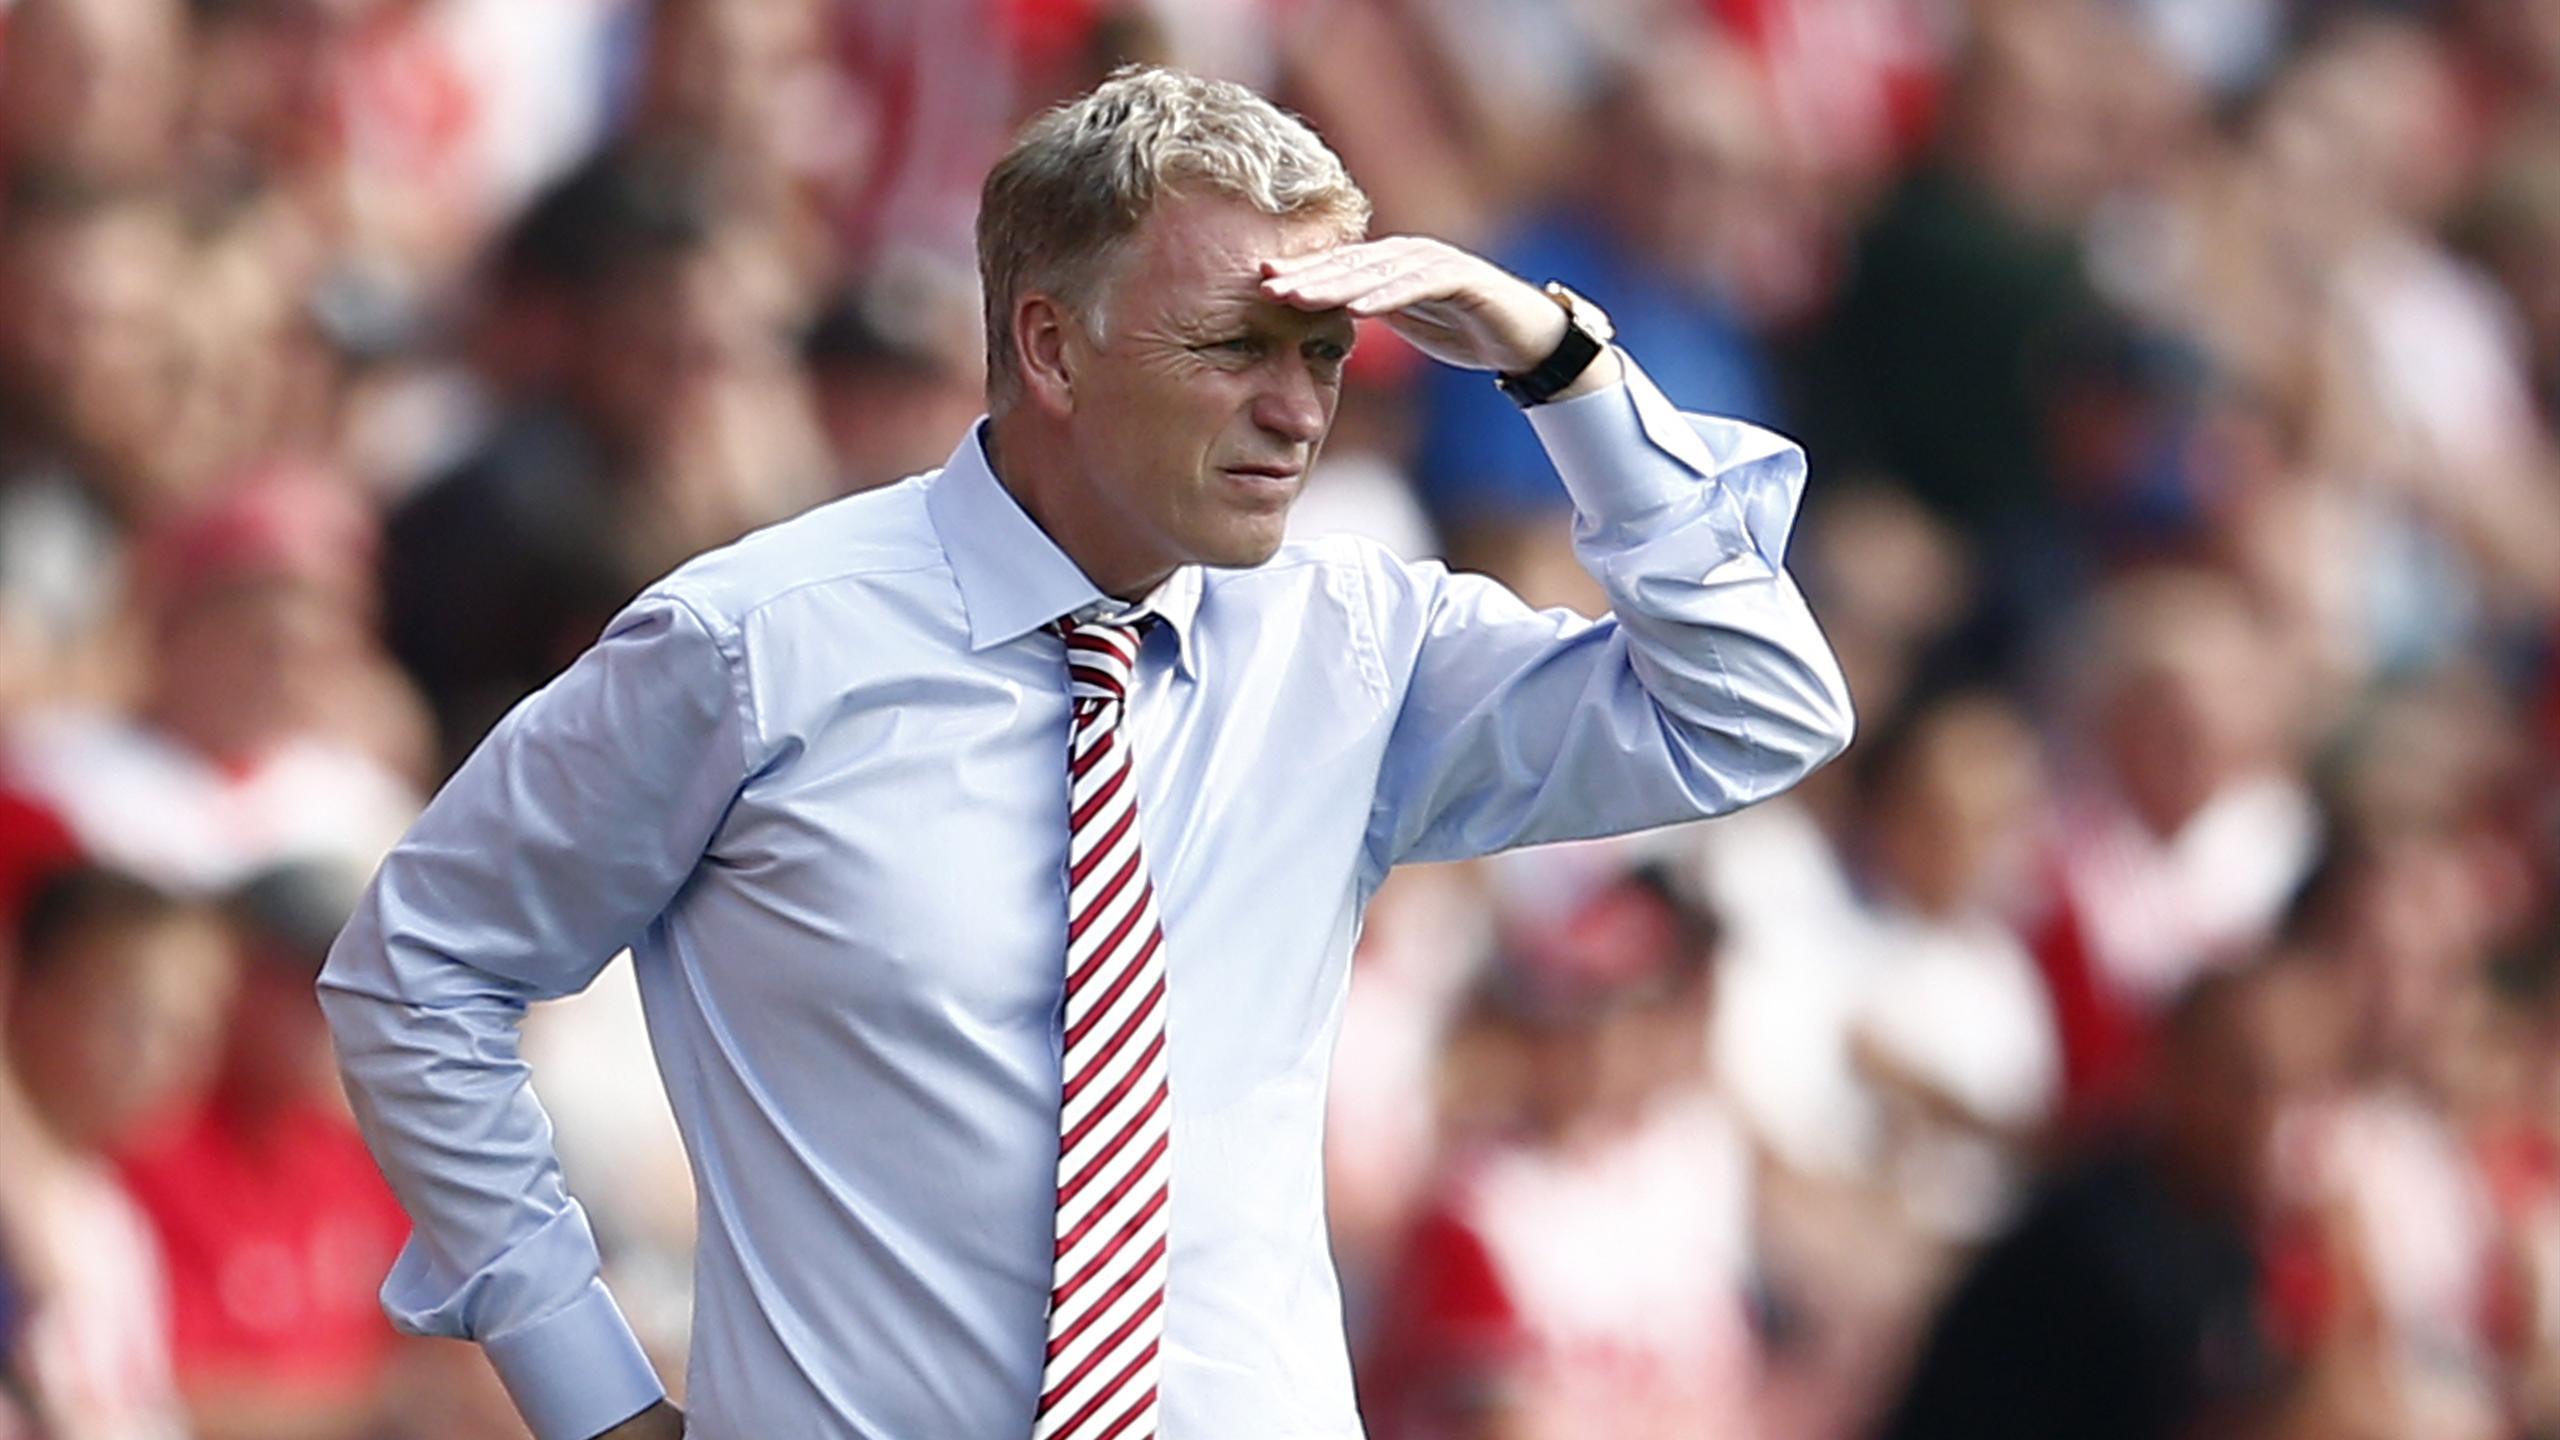 Sunderland manager David Moyes